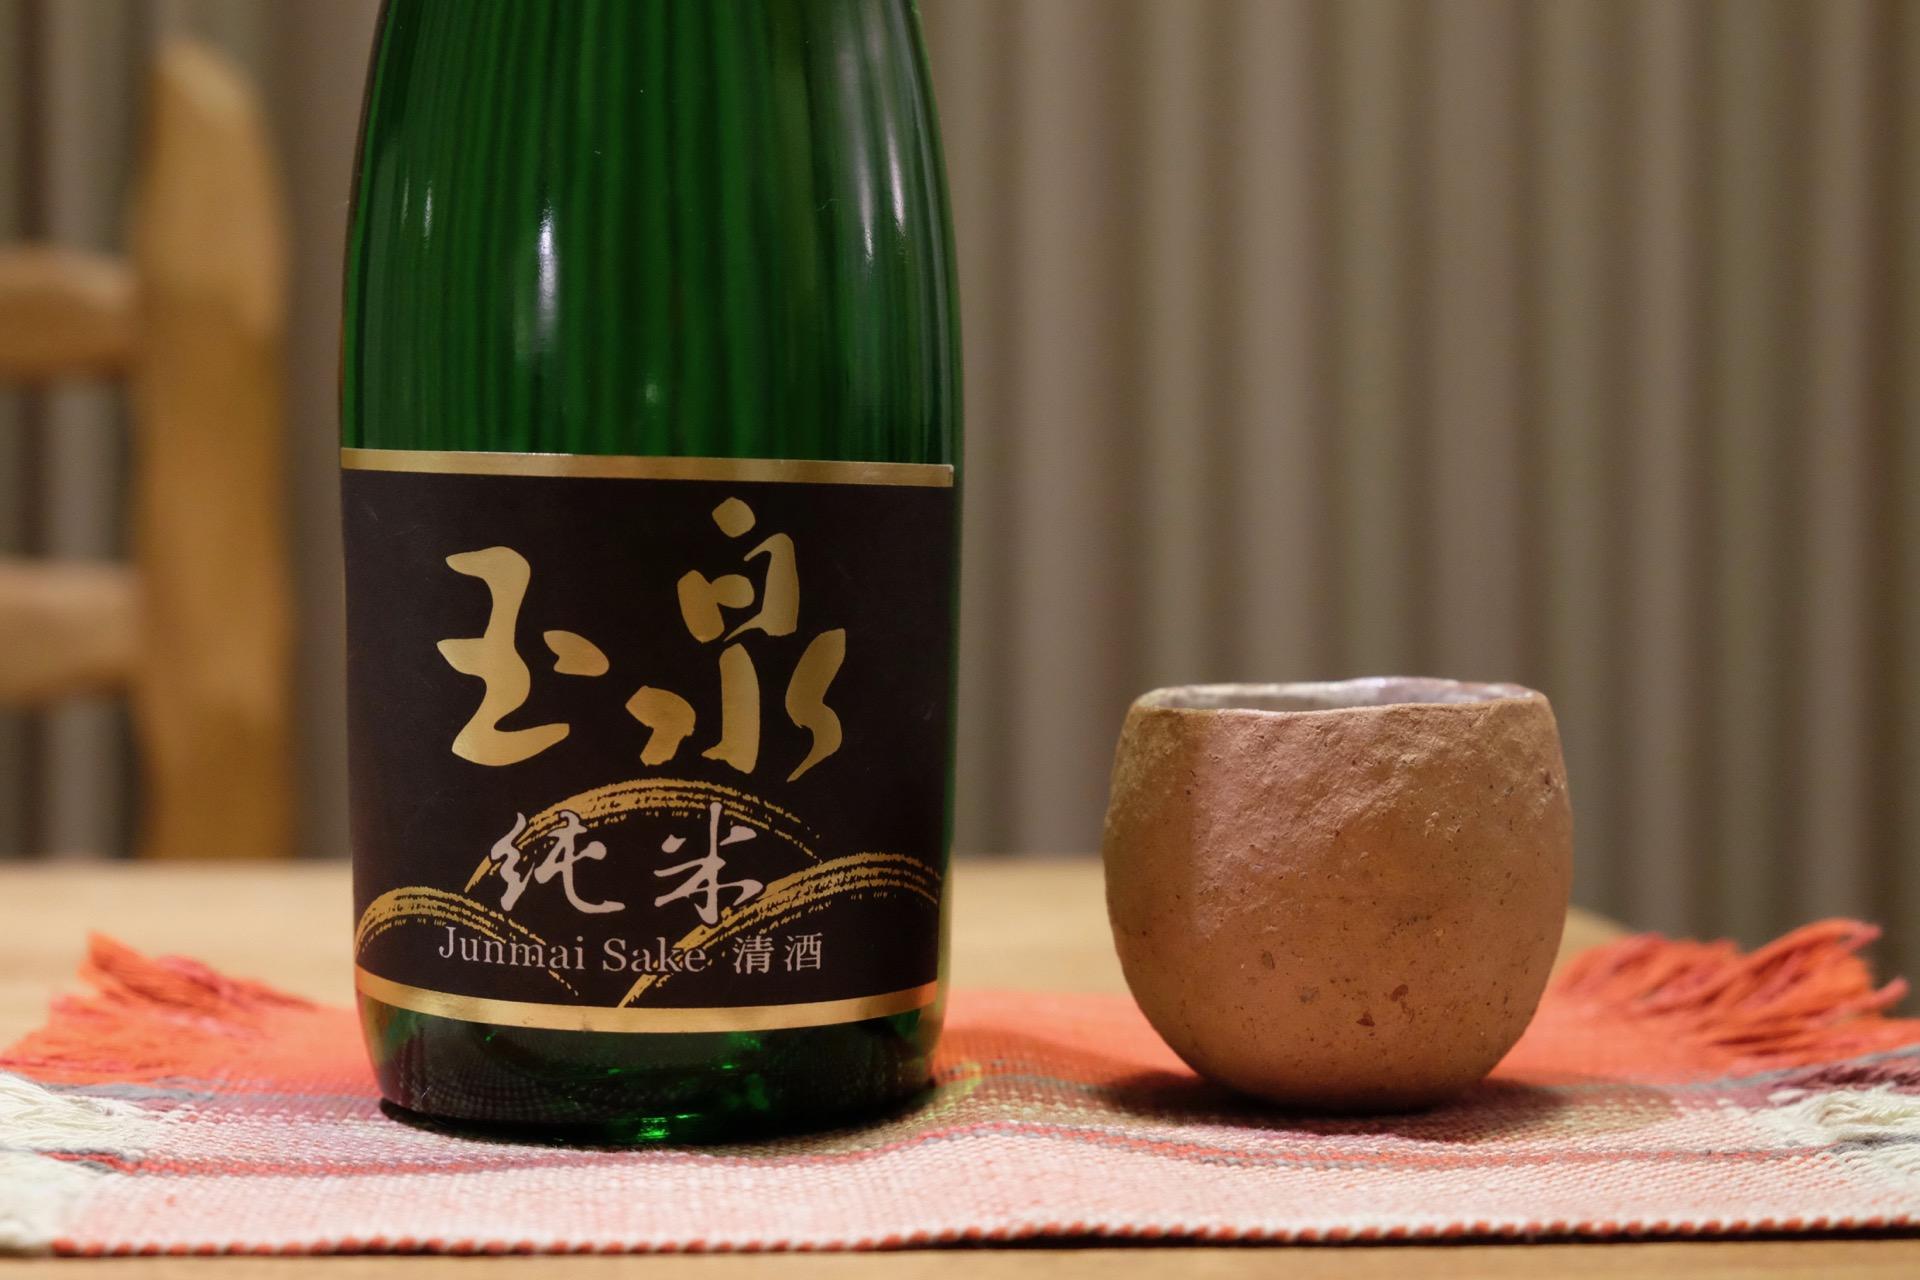 玉泉純米清酒(台湾)|世界のSakéテイスティングノート